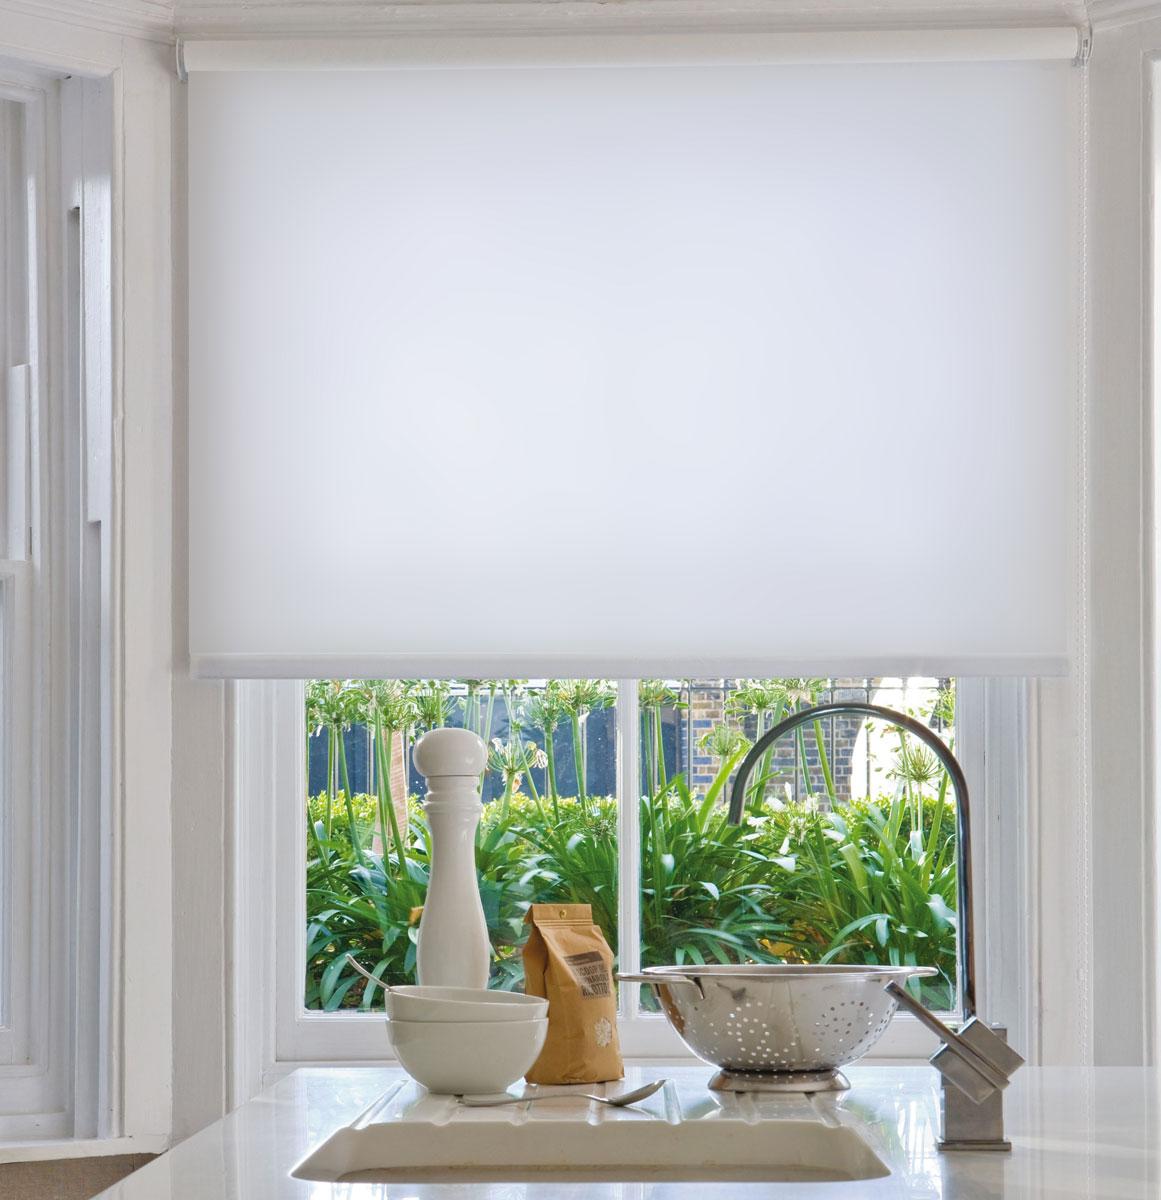 Миниролло KauffOrt 90х170 см, светонепроницаемая, цвет: белый94090007Рулонная штора Миниролло выполнена из высокопрочной полностью светонепроницаемой ткани blackout белого цвета, которая сохраняет свой размер даже при намокании. Ткань не выцветает и обладает отличной цветоустойчивостью. Миниролло - это подвид рулонных штор, который закрывает не весь оконный проем, а непосредственно само стекло. Такие шторы крепятся на раму без сверления при помощи зажимов или клейкой двухсторонней ленты. Окно остаётся на гарантии, благодаря монтажу без сверления. Такая штора станет прекрасным элементом декора окна и гармонично впишется в интерьер любого помещения.